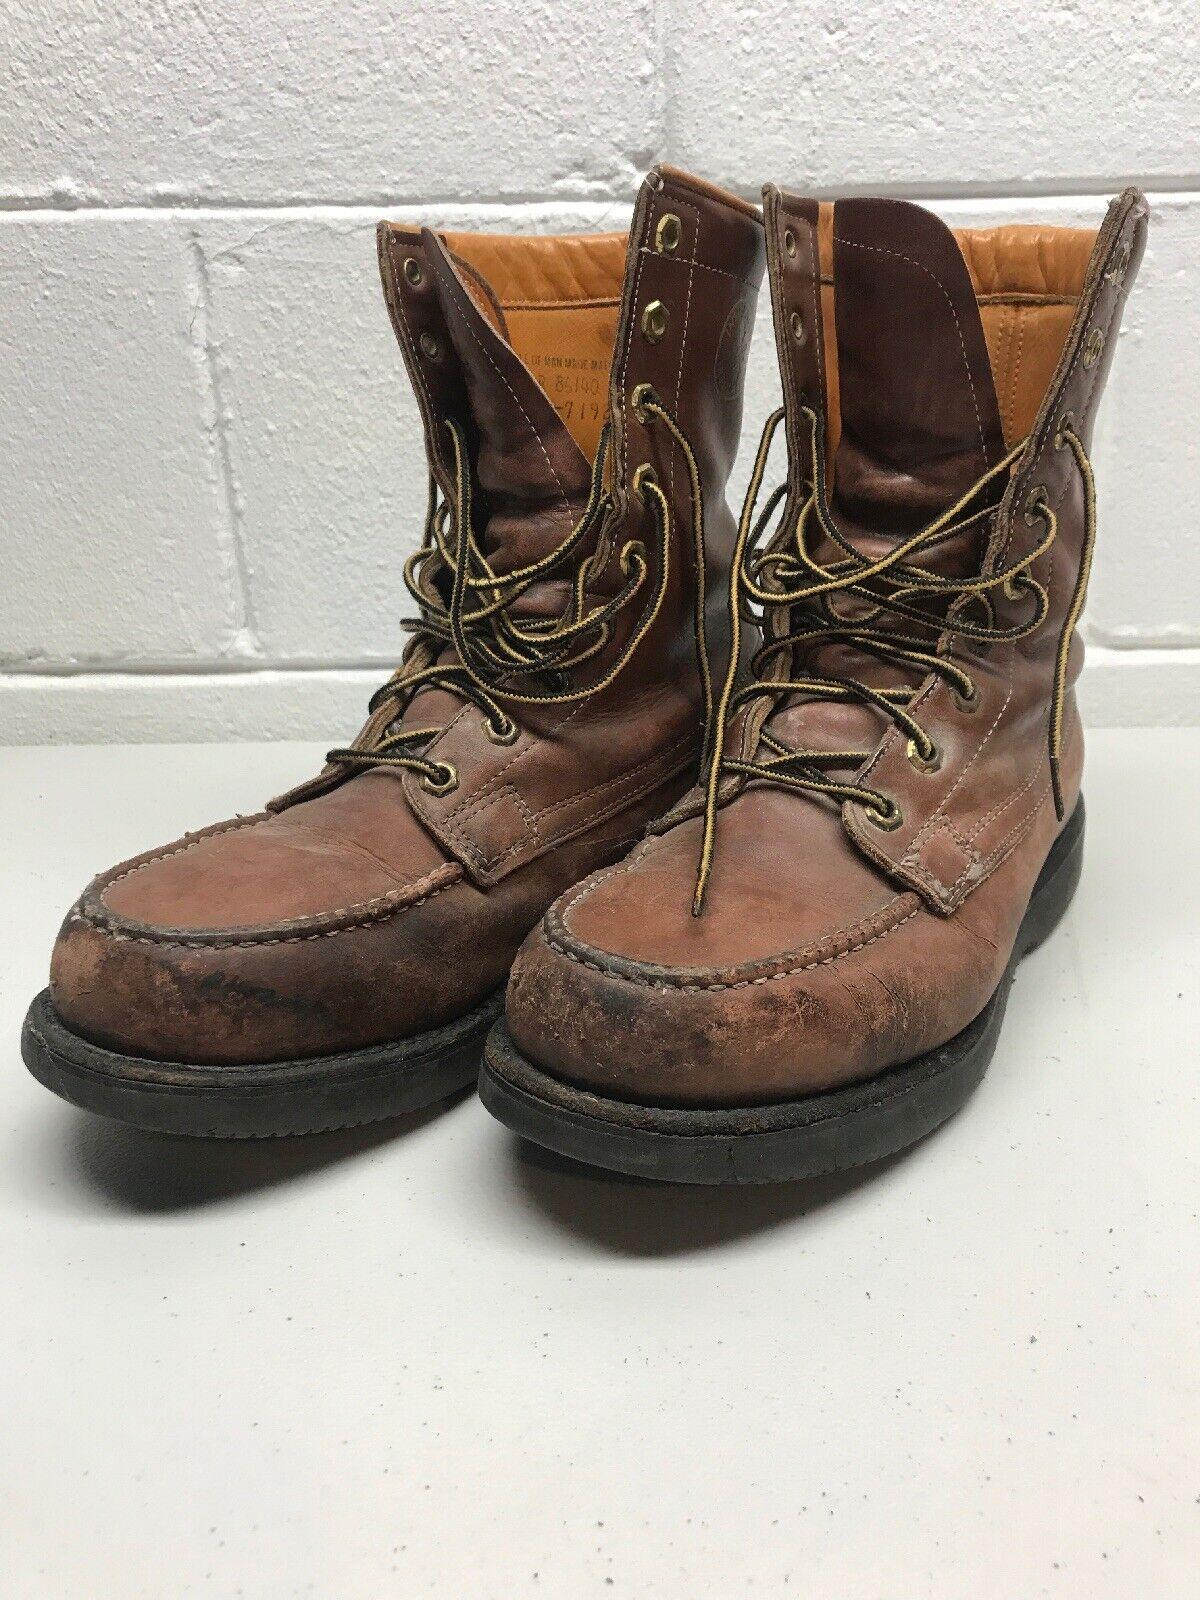 Tamaño 11 Vintage Moc Toe HERMAN SURVIVORS envejecido Aislado botas De Trabajo EE. UU.